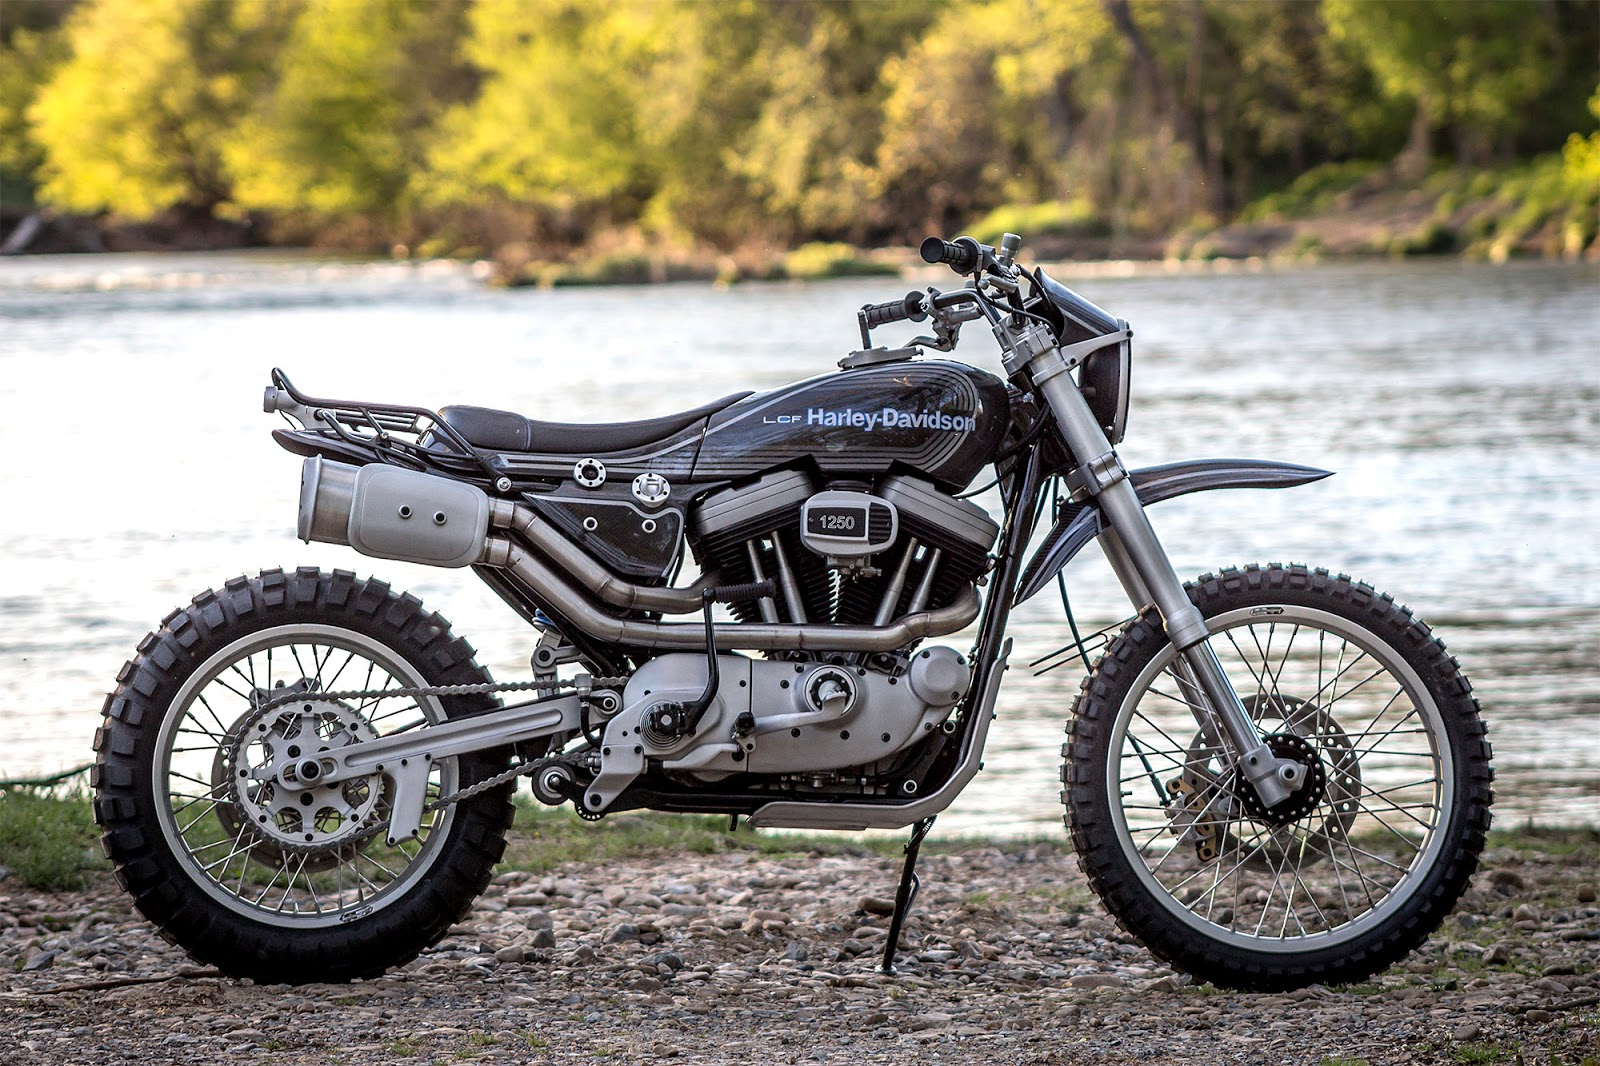 Harley Davidson Wiring Diagram On Basic Motorcycle Gear Diagram